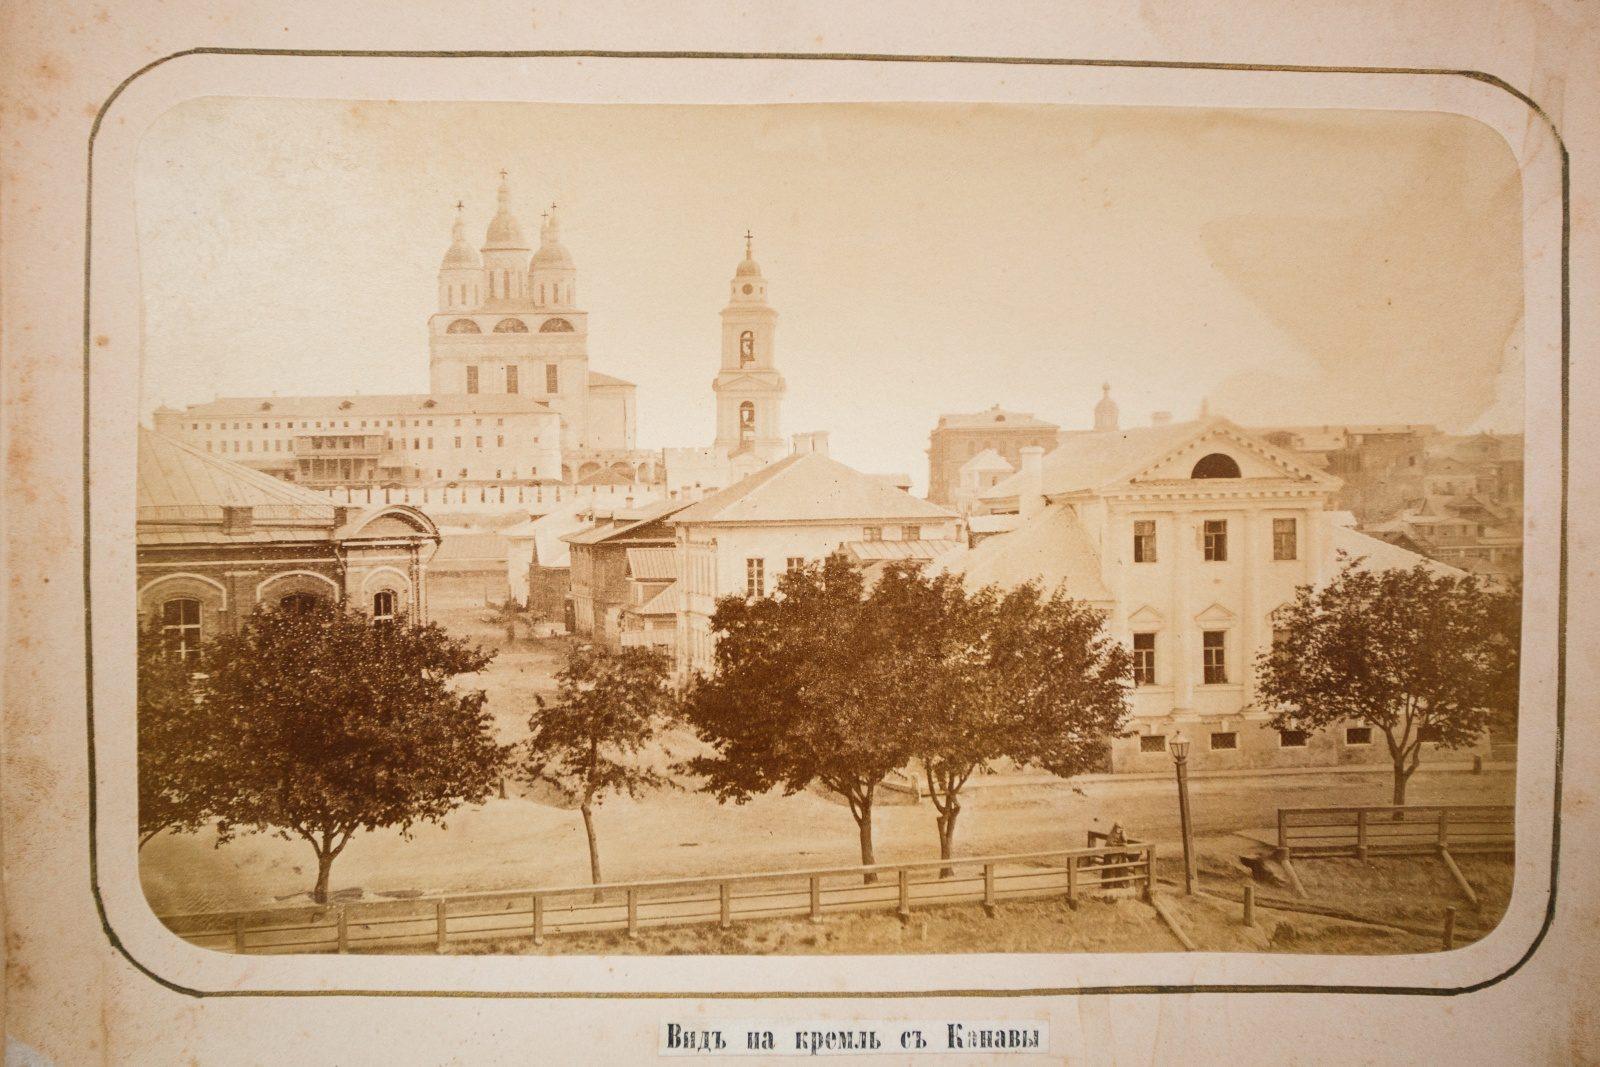 Astrakhan, Kremlin view from Kanava.